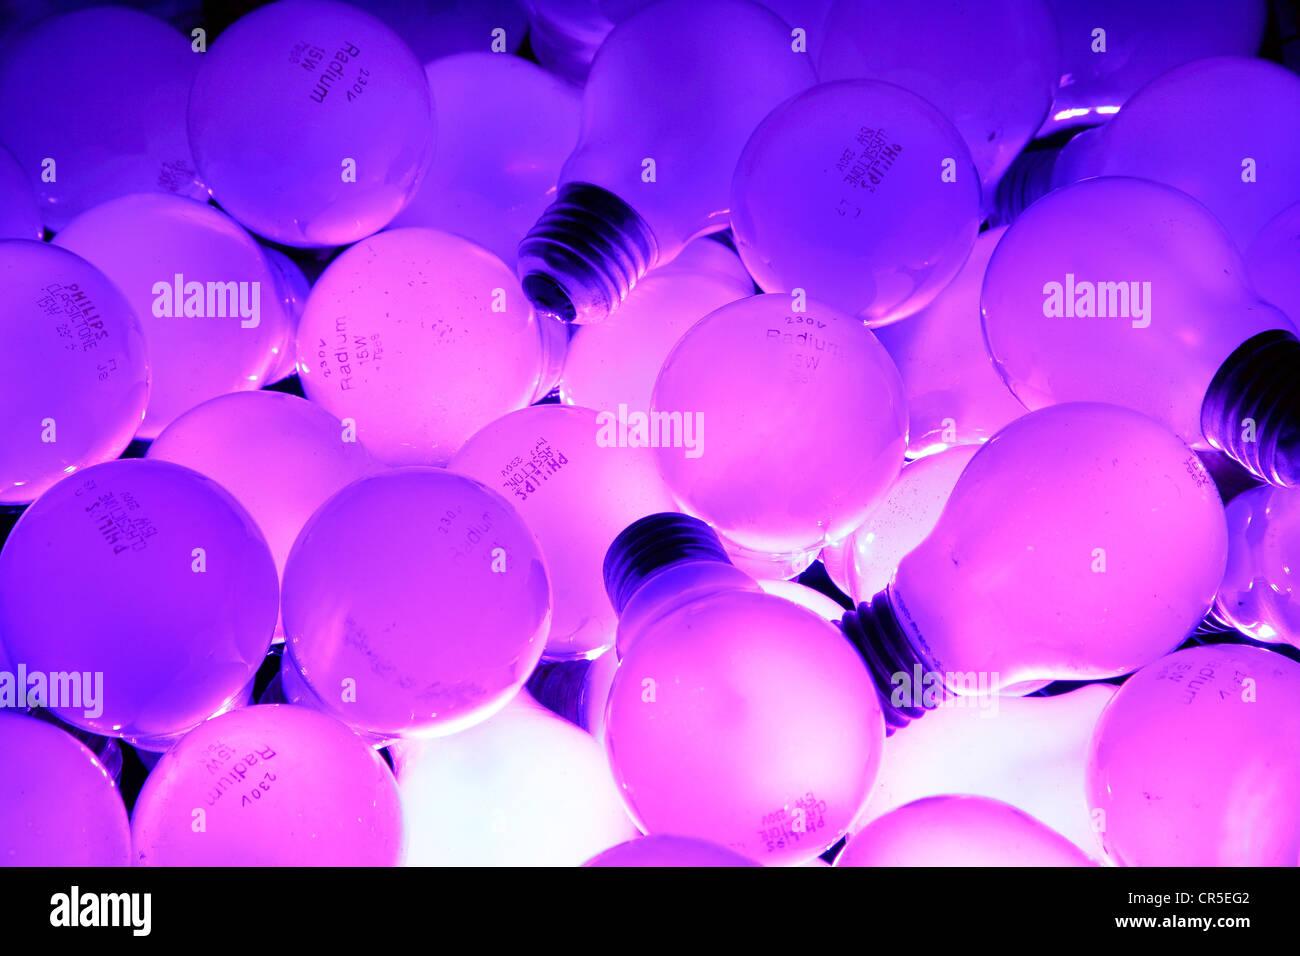 Glühbirnen, 15 Watt Glühbirnen, beleuchtet von unten. Ausrangierte Glühbirnen, gebrauchte, alte. Stockbild